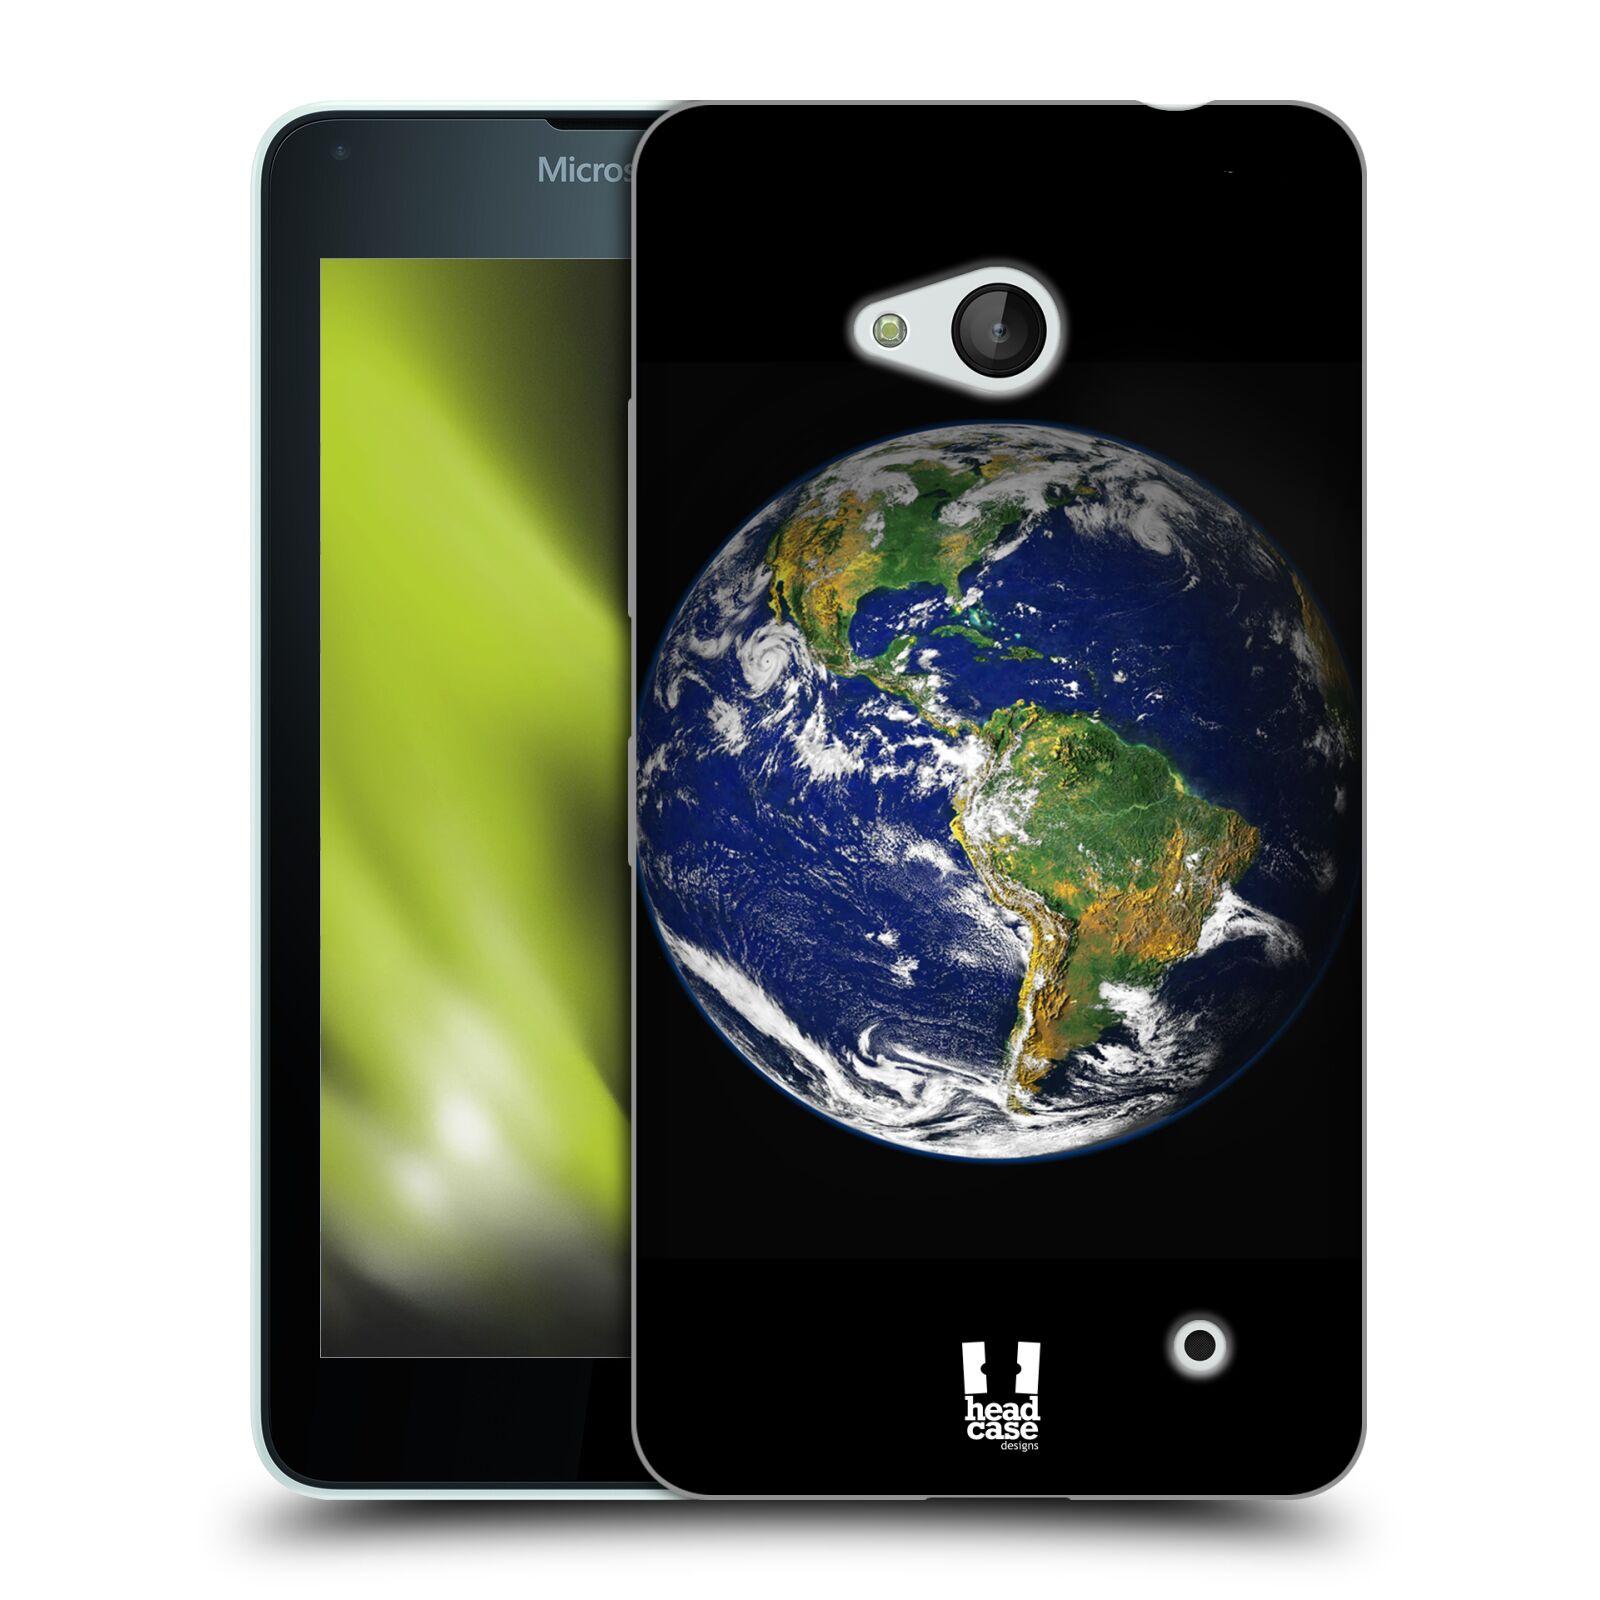 HEAD CASE silikonový obal na mobil Microsoft / Nokia Lumia 640 / Lumia 640 DUAL vzor Vesmírná krása ZEMĚ